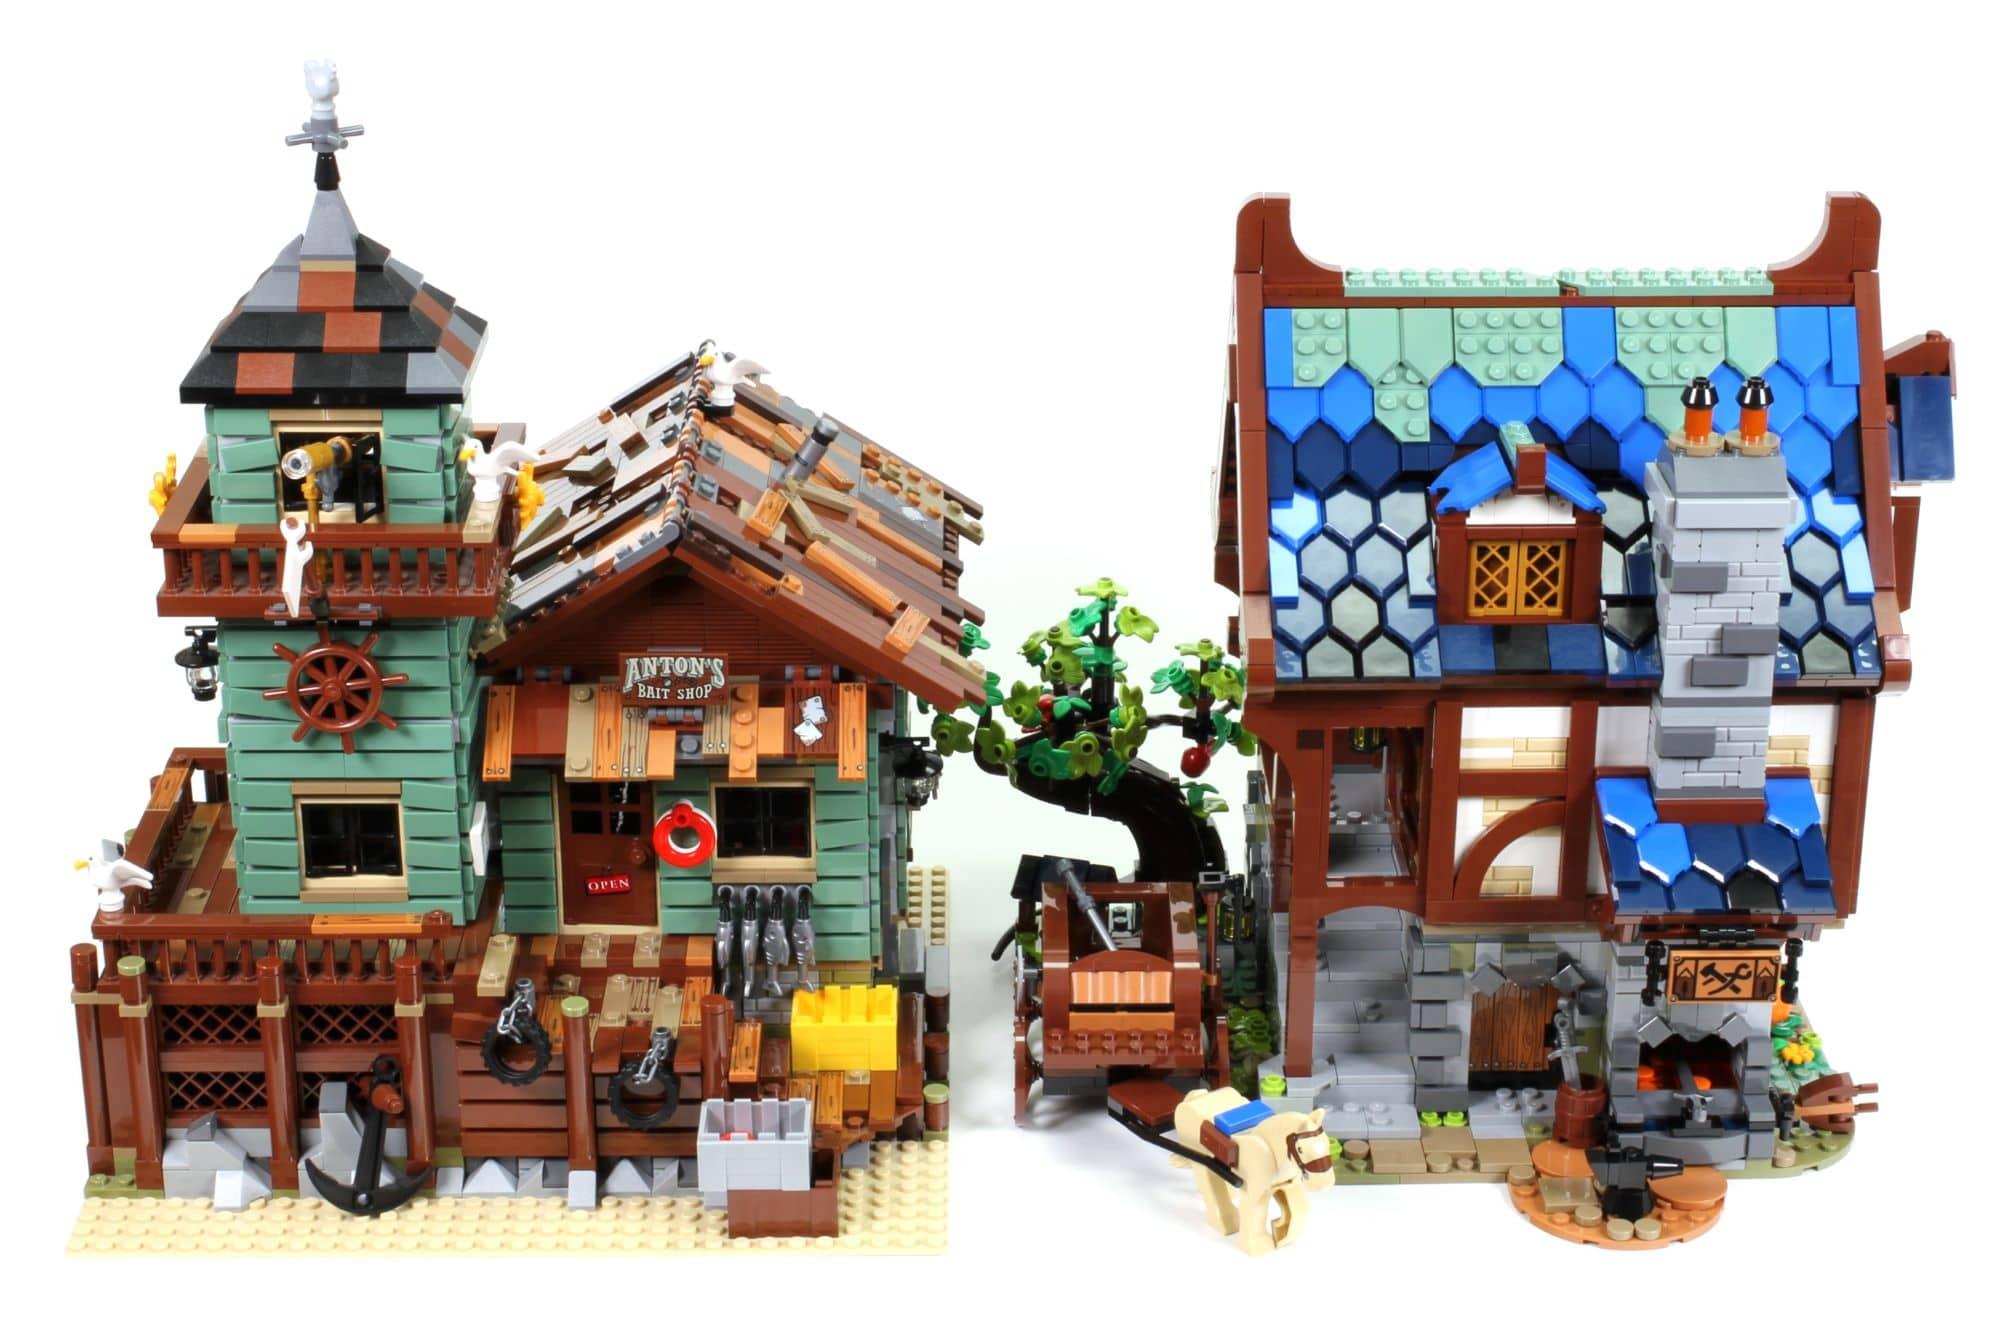 LEGO Ideas 21325 Mittelalterliche Schmiede Vergleich Angelladen 1